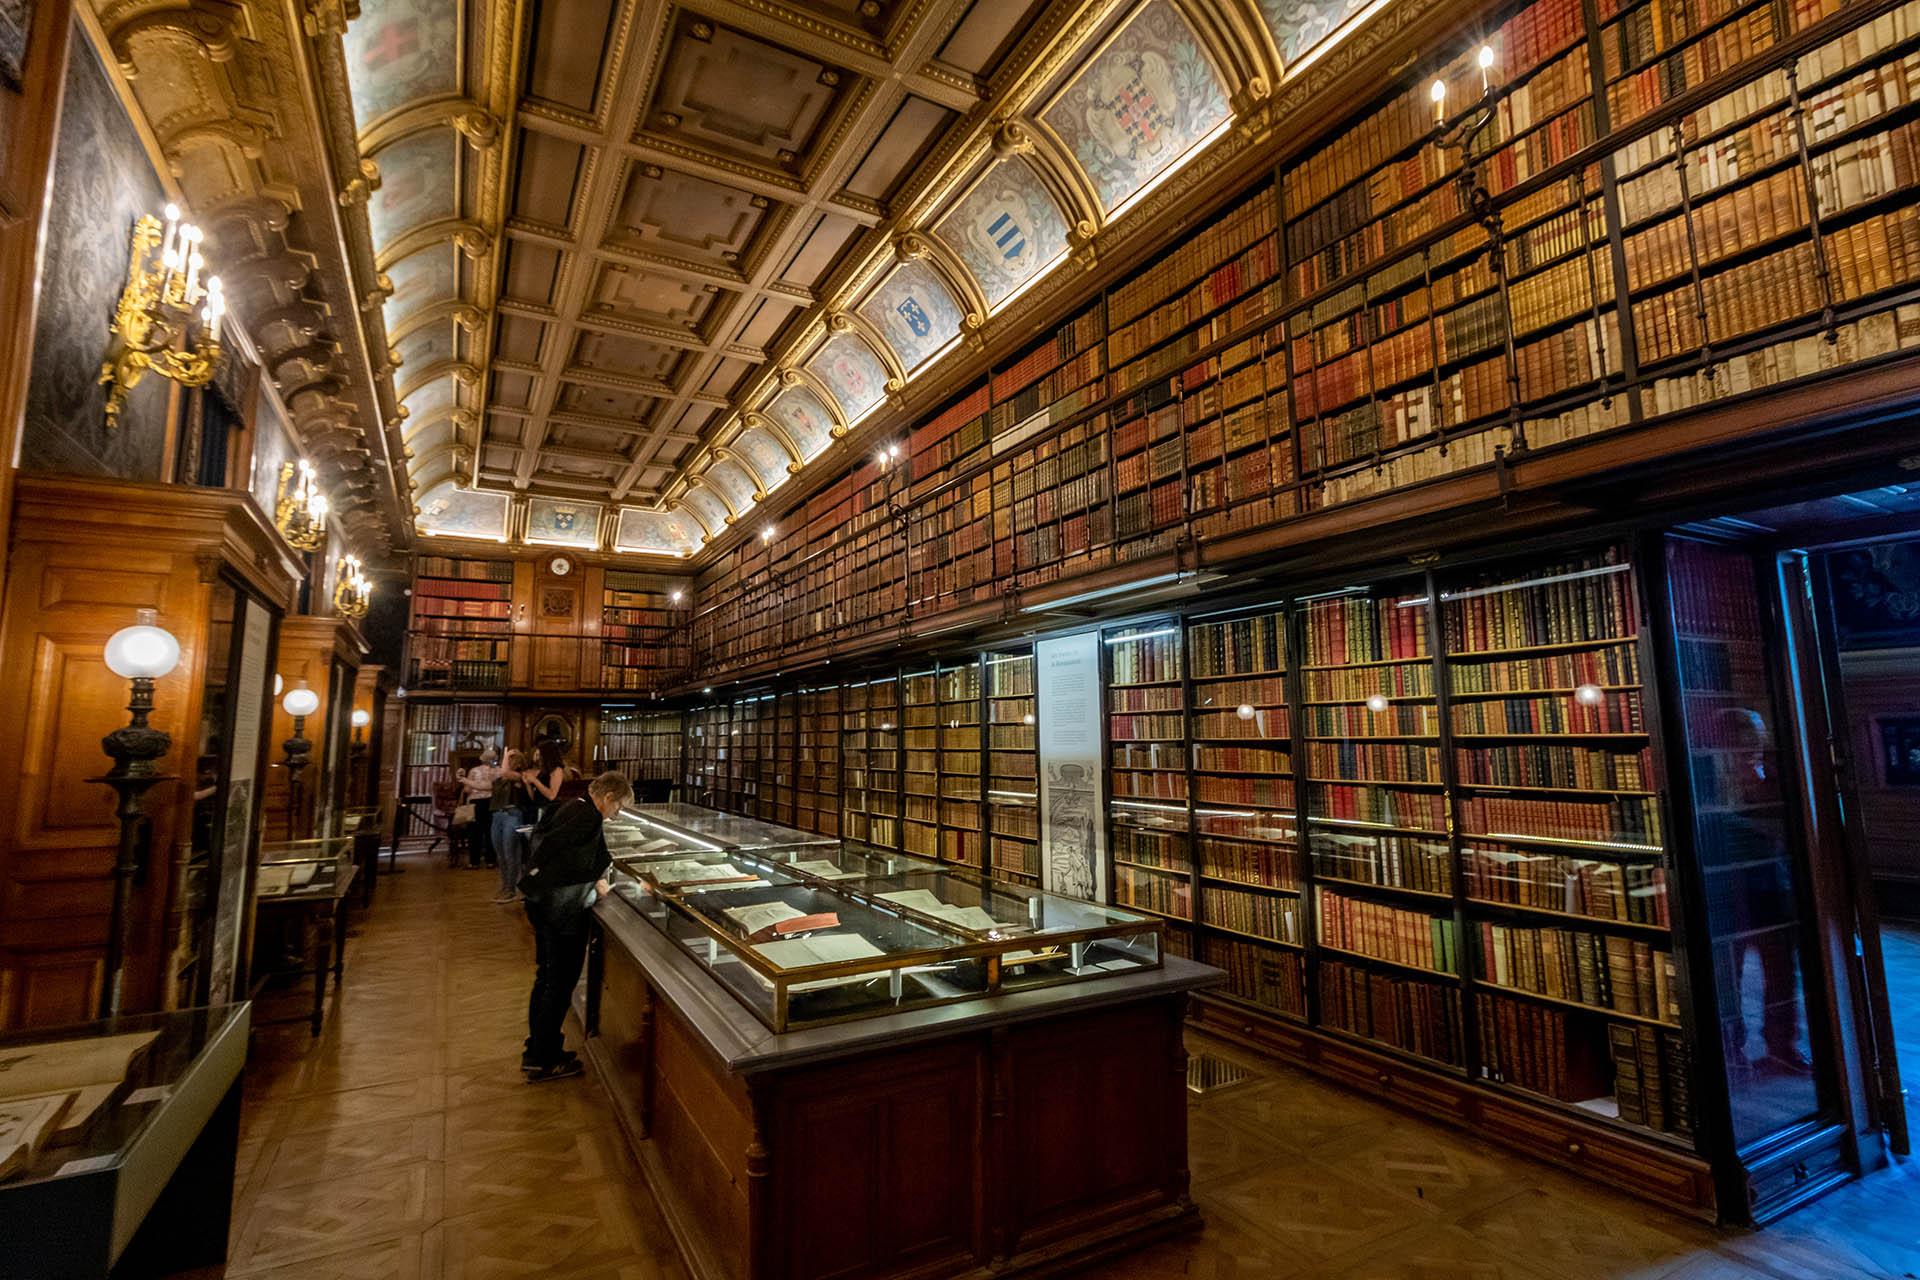 De oude bibliotheek in Château de Chantilly met een kasten vol oude boeken en een vitrine in het midden.